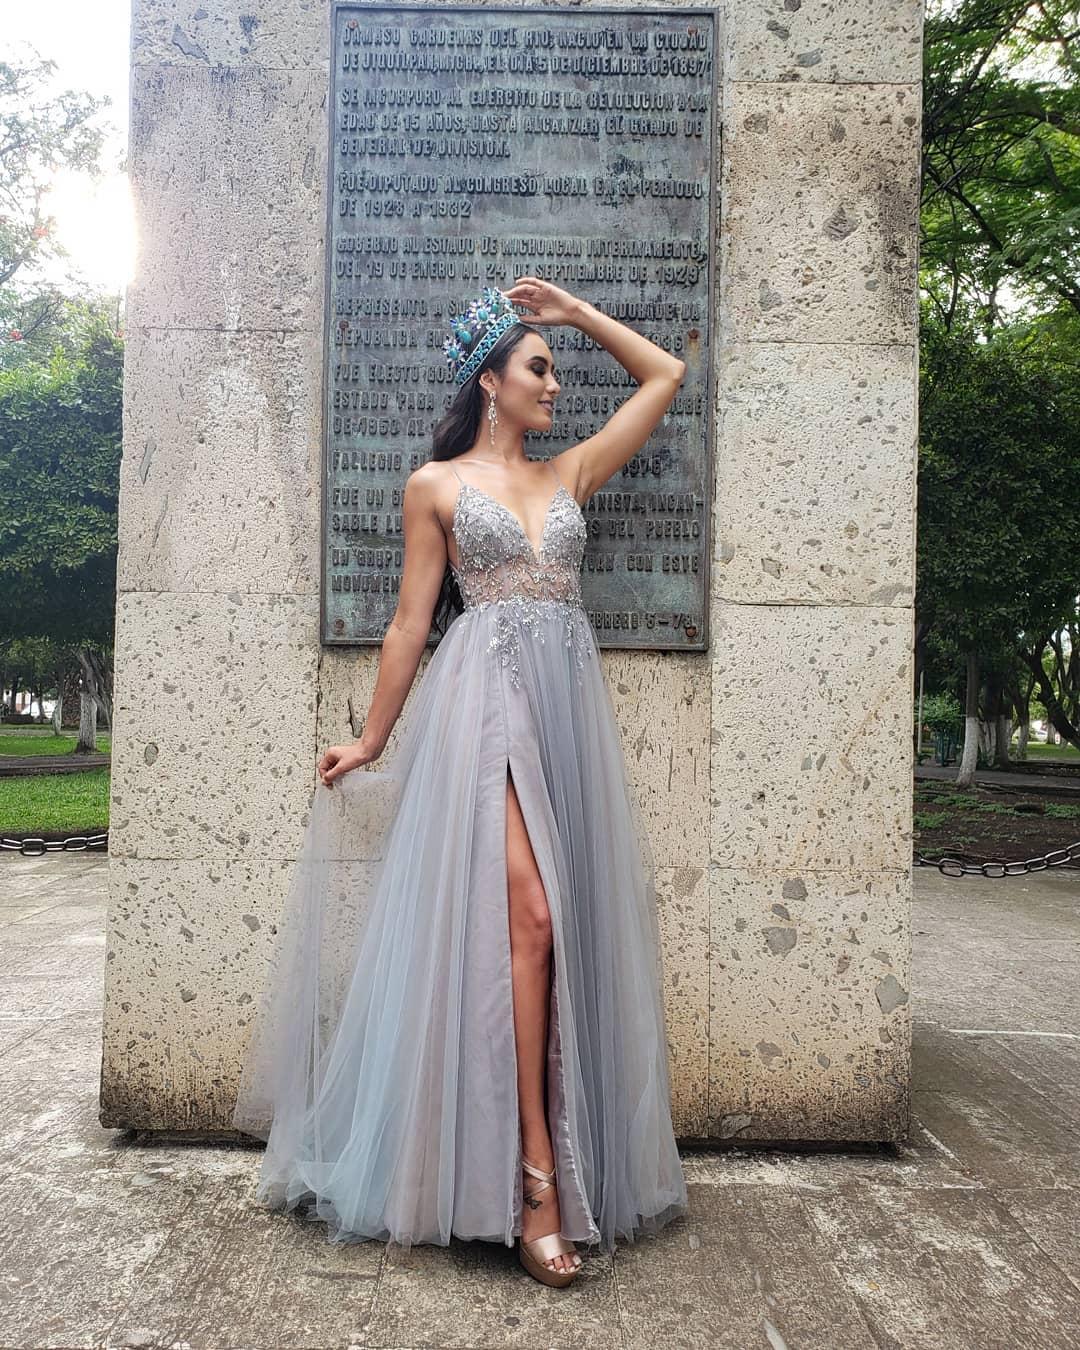 karolina vidales, candidata a miss mexico (mundo) 2020, representando michoacan. - Página 7 72212910